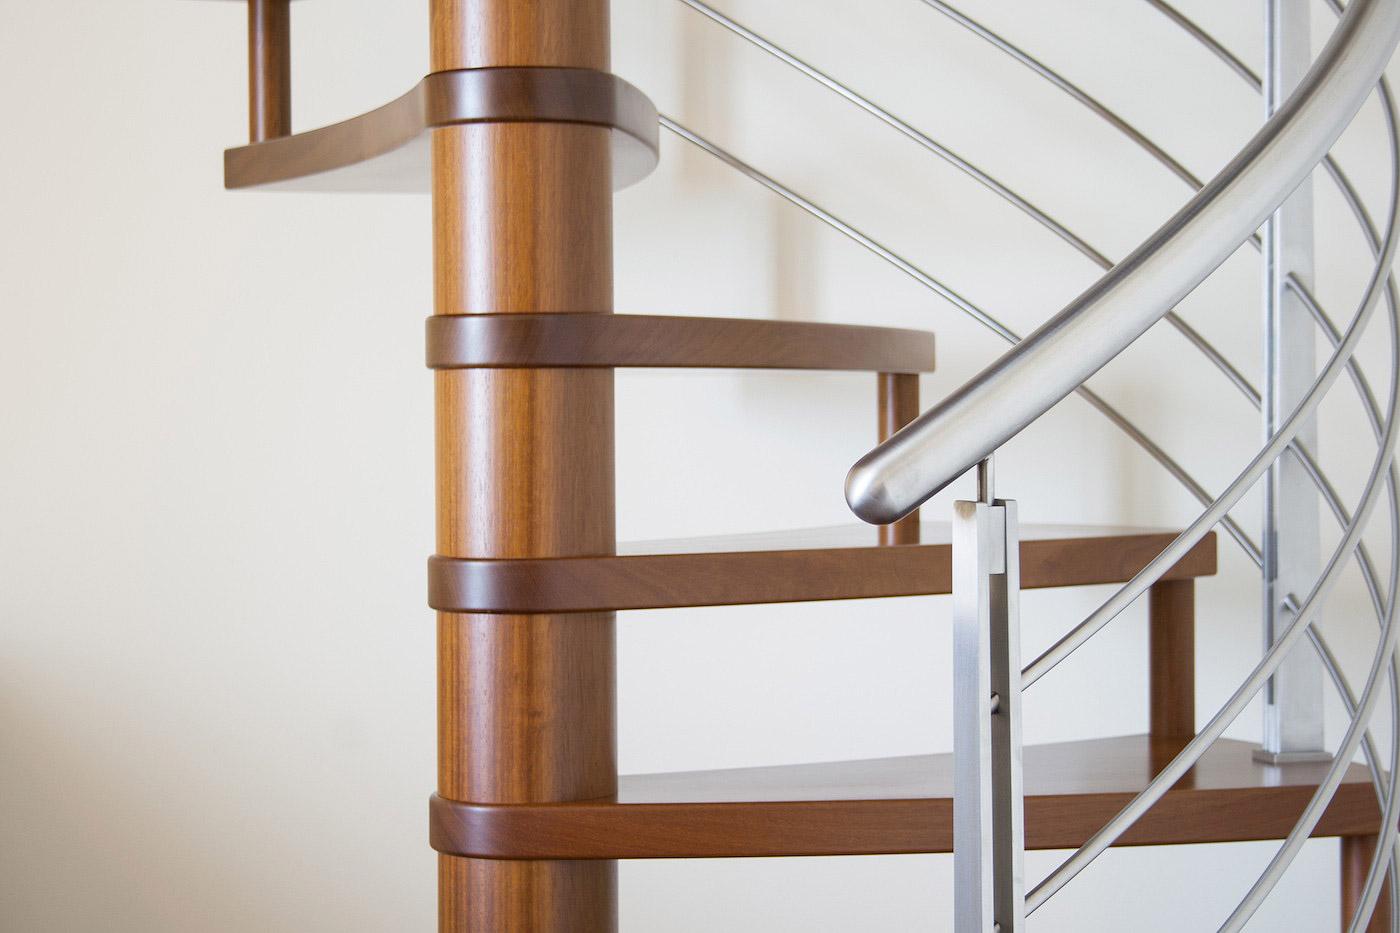 Scala a chiocciola in legno e acciaio de stalis scale - Scale a chiocciola moderne ...